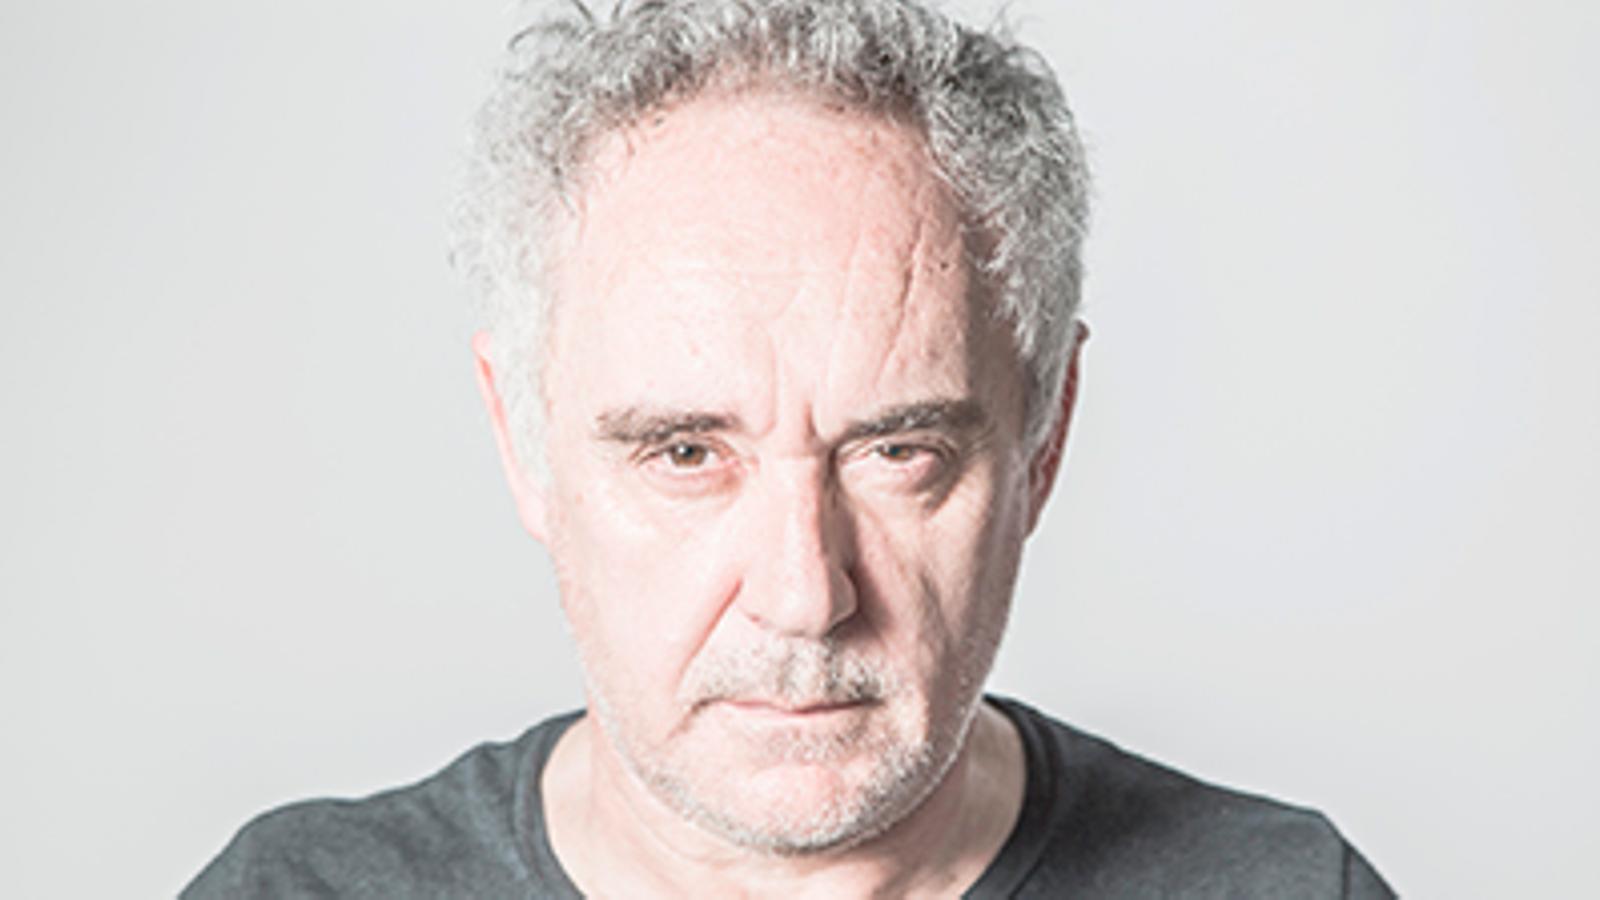 Interactiu especial: Sàpiens, el gran projecte de Ferran Adrià